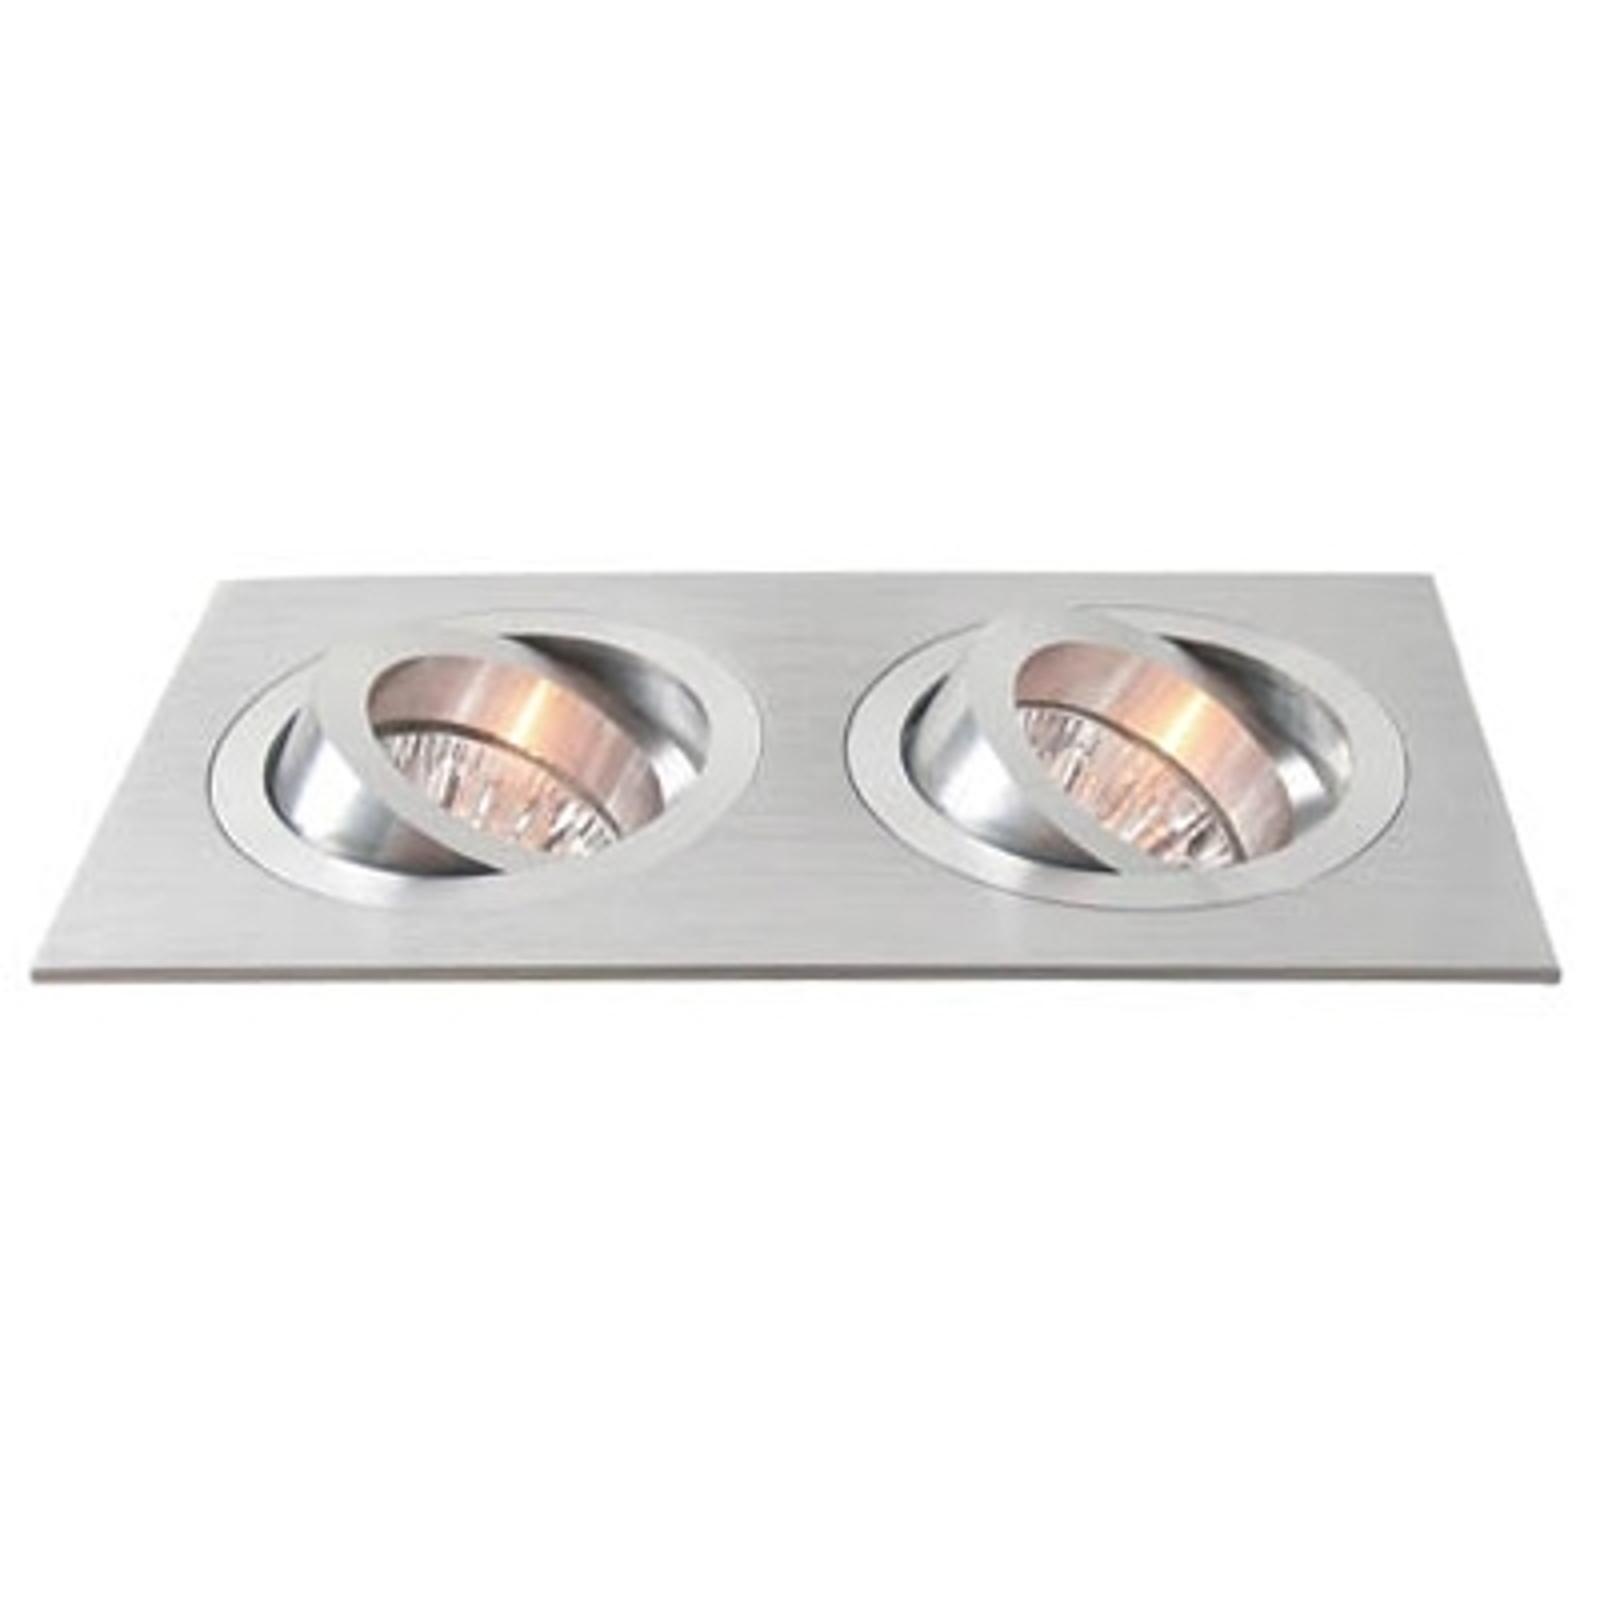 2-flammiger Aluminium Einbauring, schwenkbar